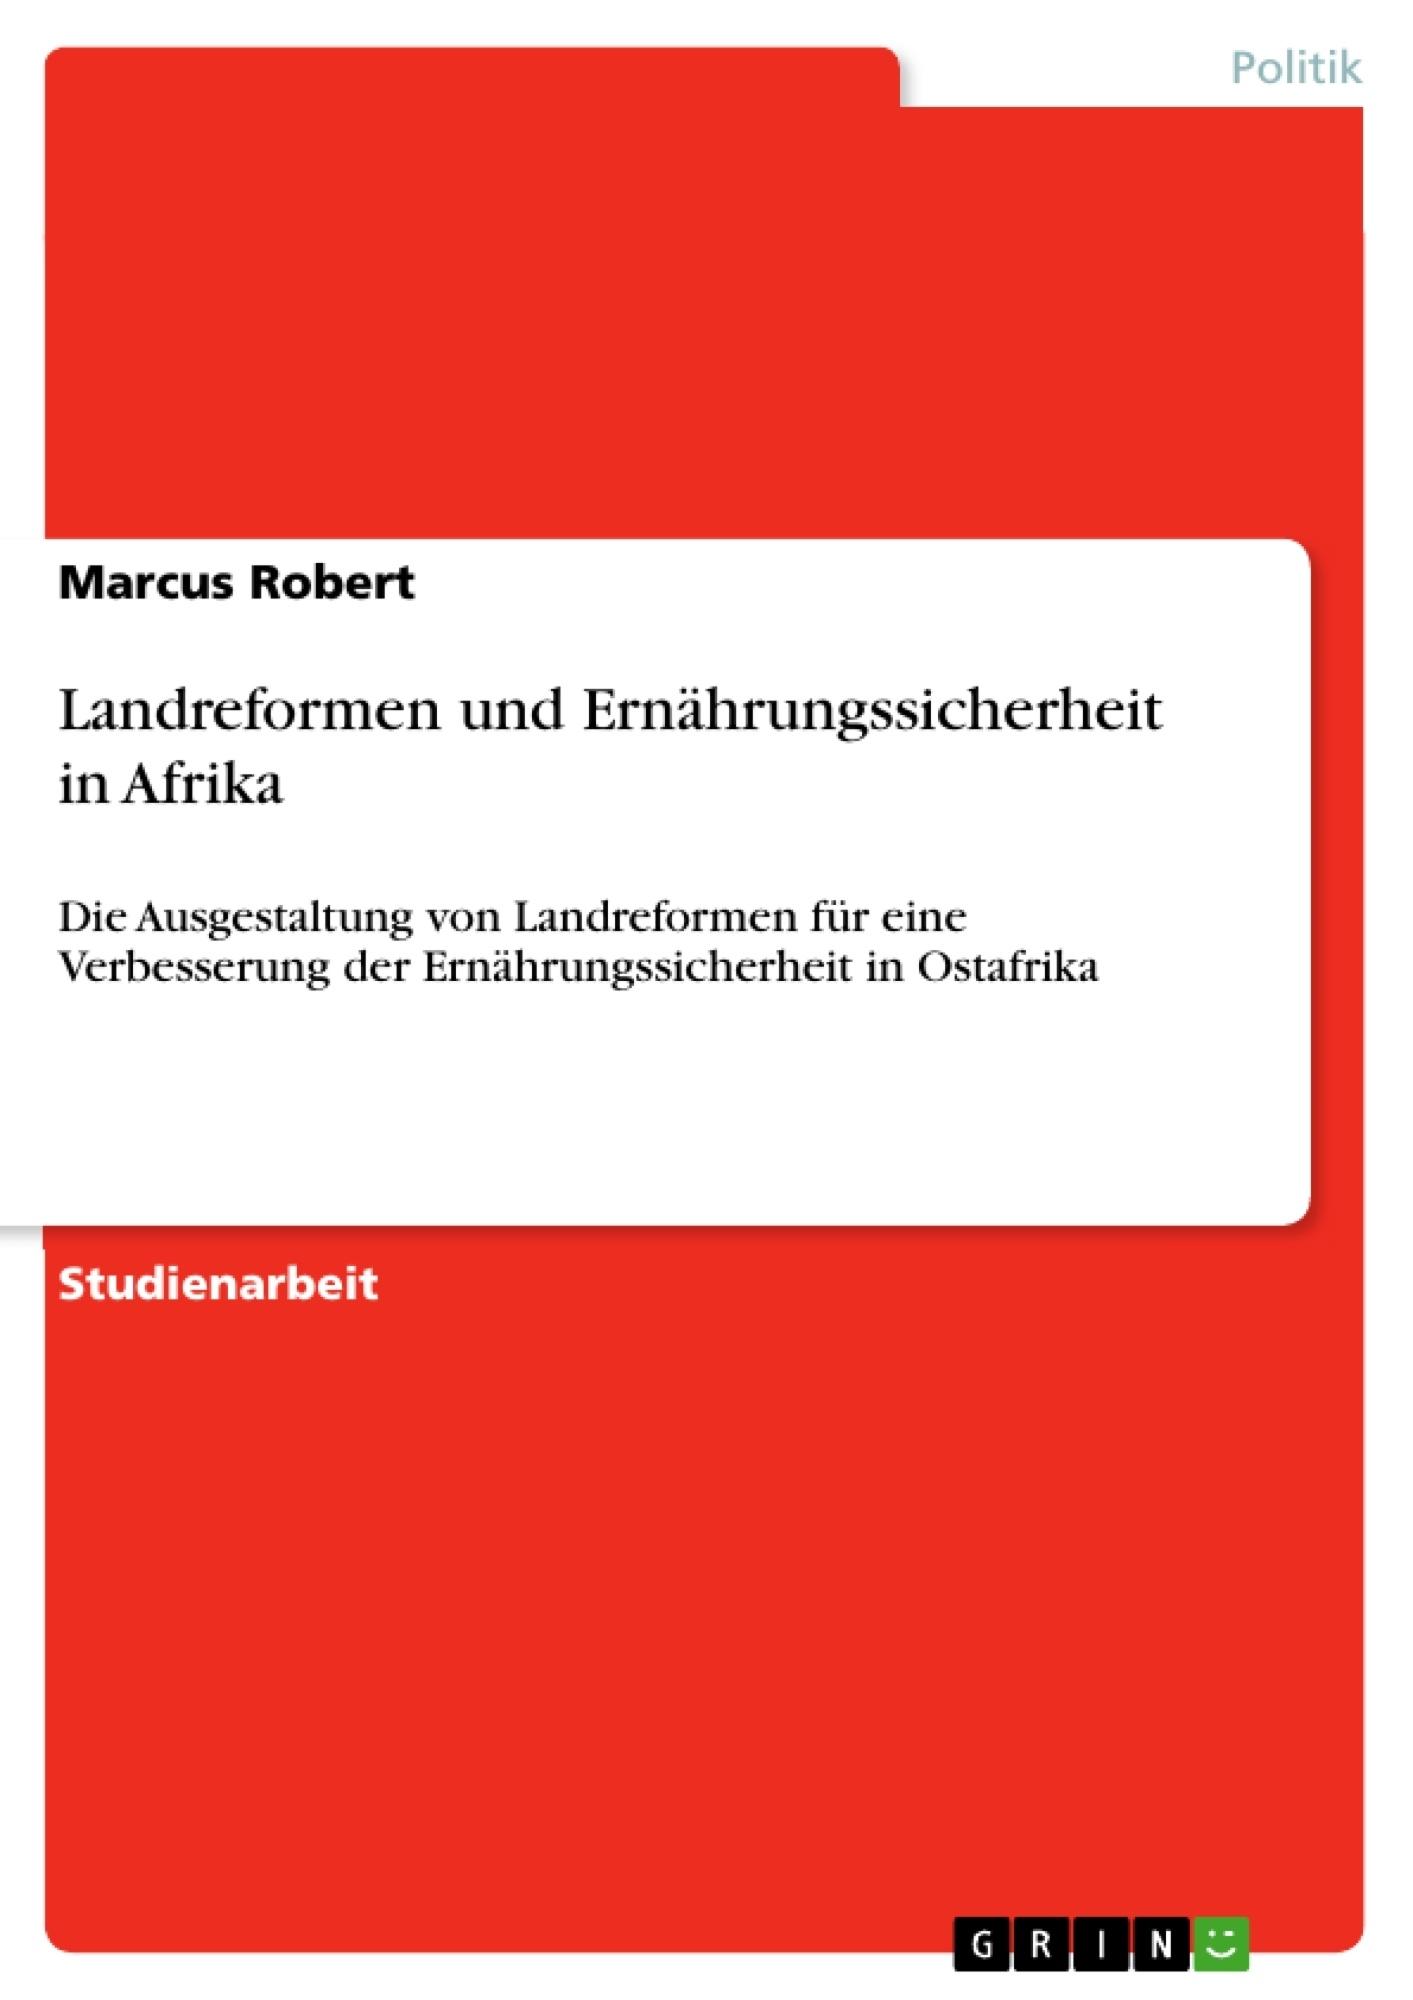 Titel: Landreformen und Ernährungssicherheit in Afrika